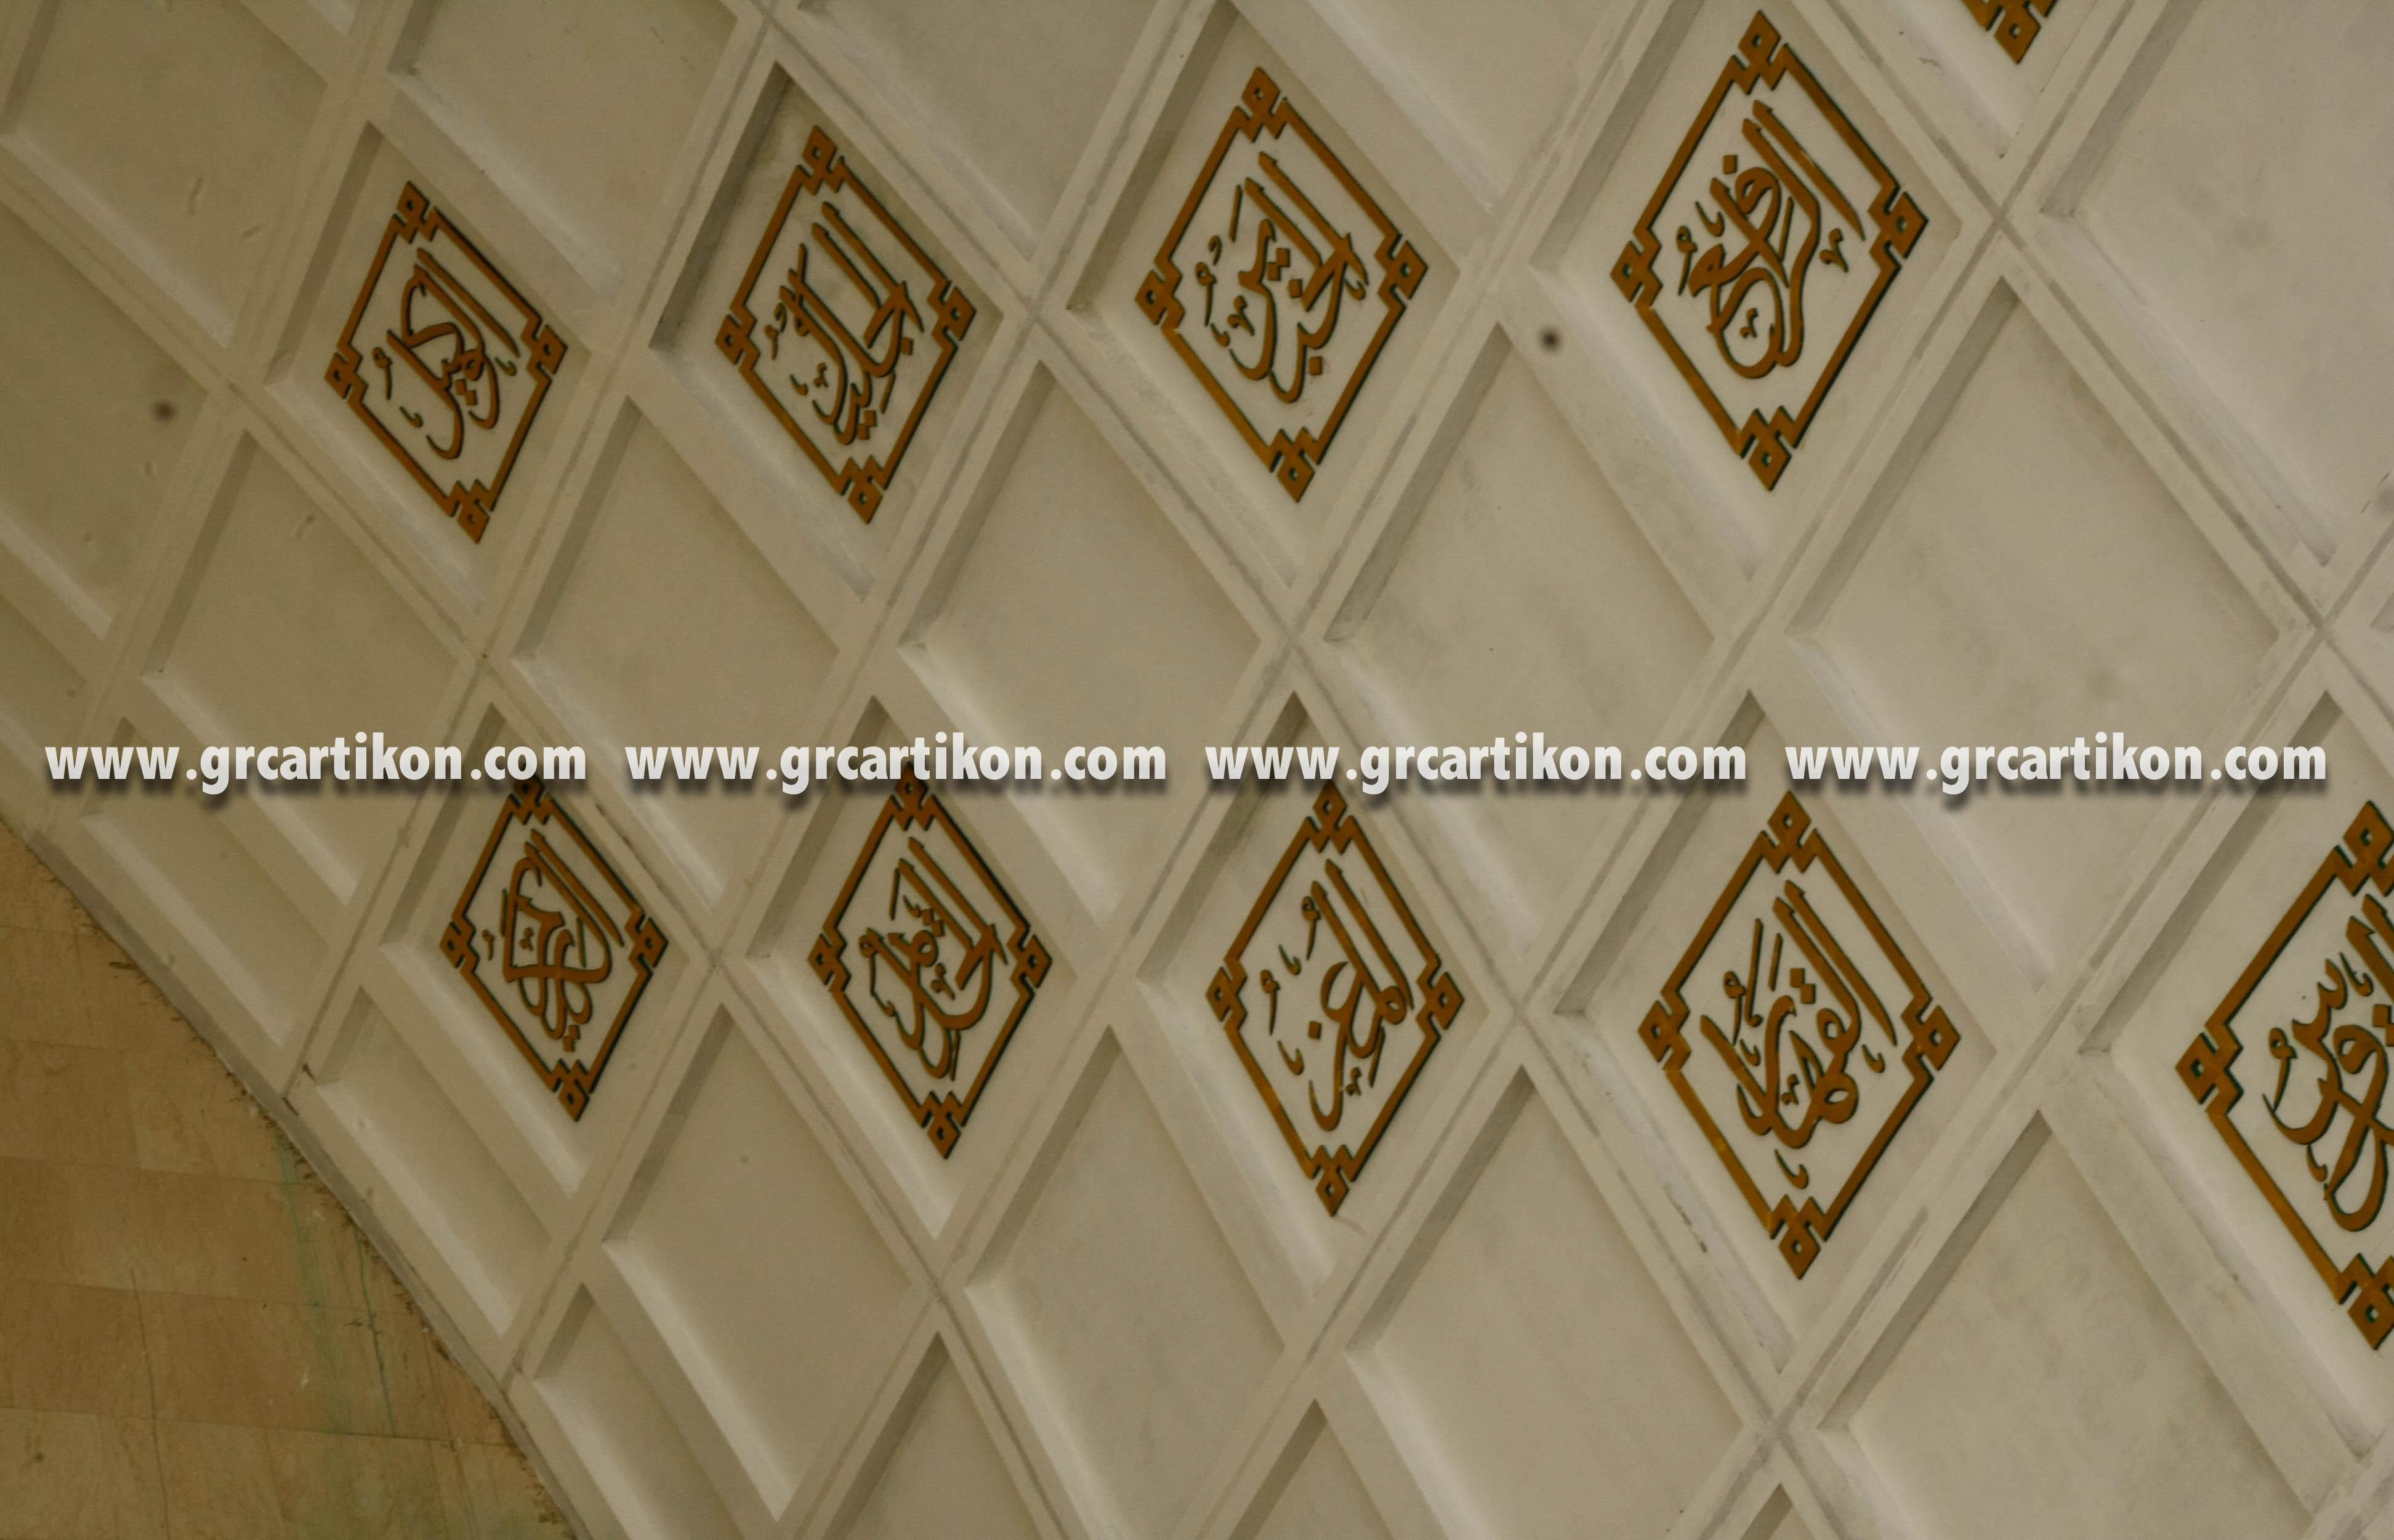 plafon GRC islamic center mataram